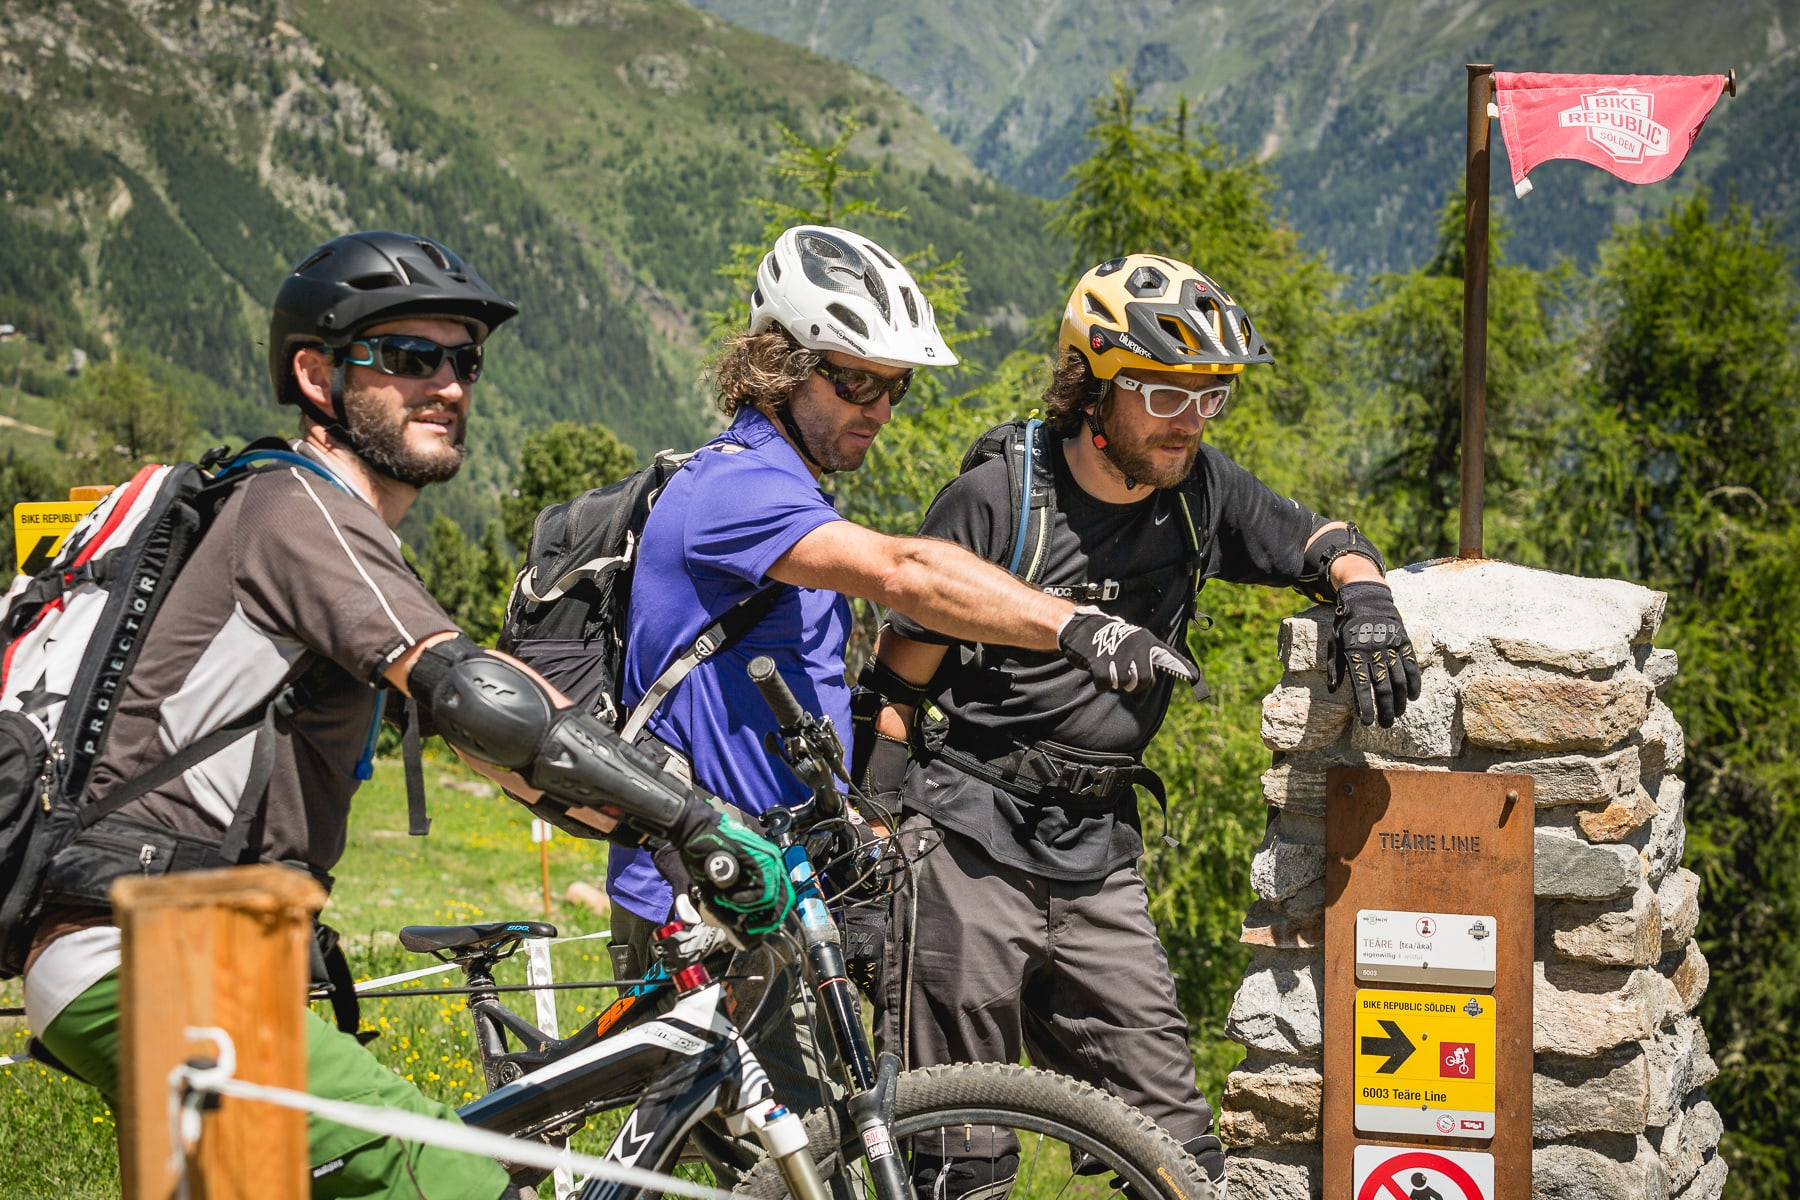 Unter Anleitung fahrt ihr die Trails gleich doppelt sicher. (Source: risk'n'fun)